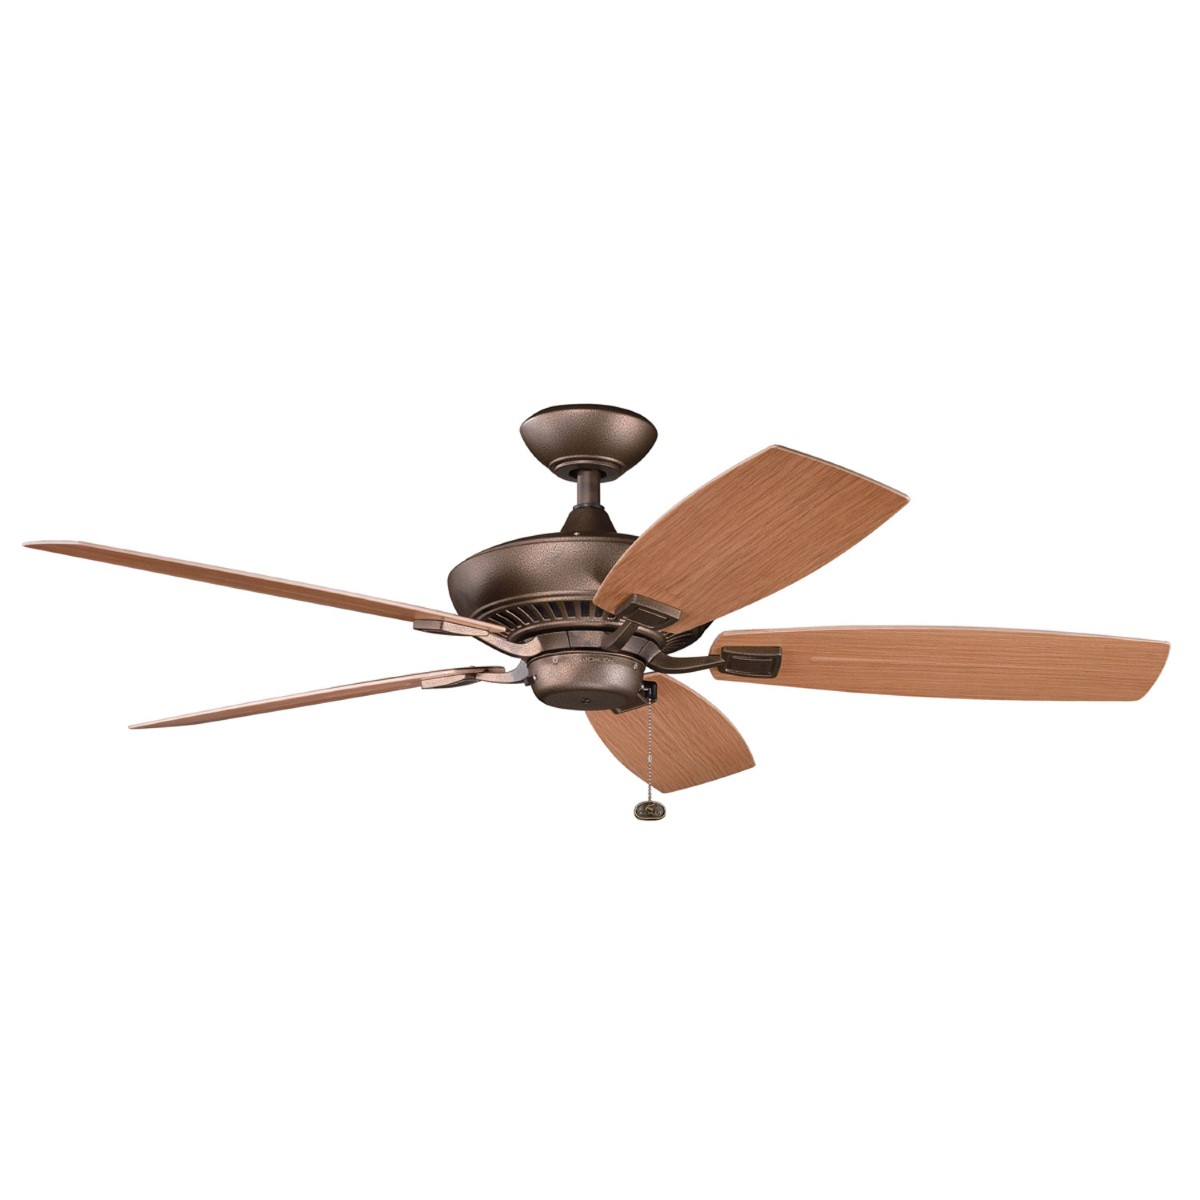 Kichler Canfield Patio Copper Ceiling Fan